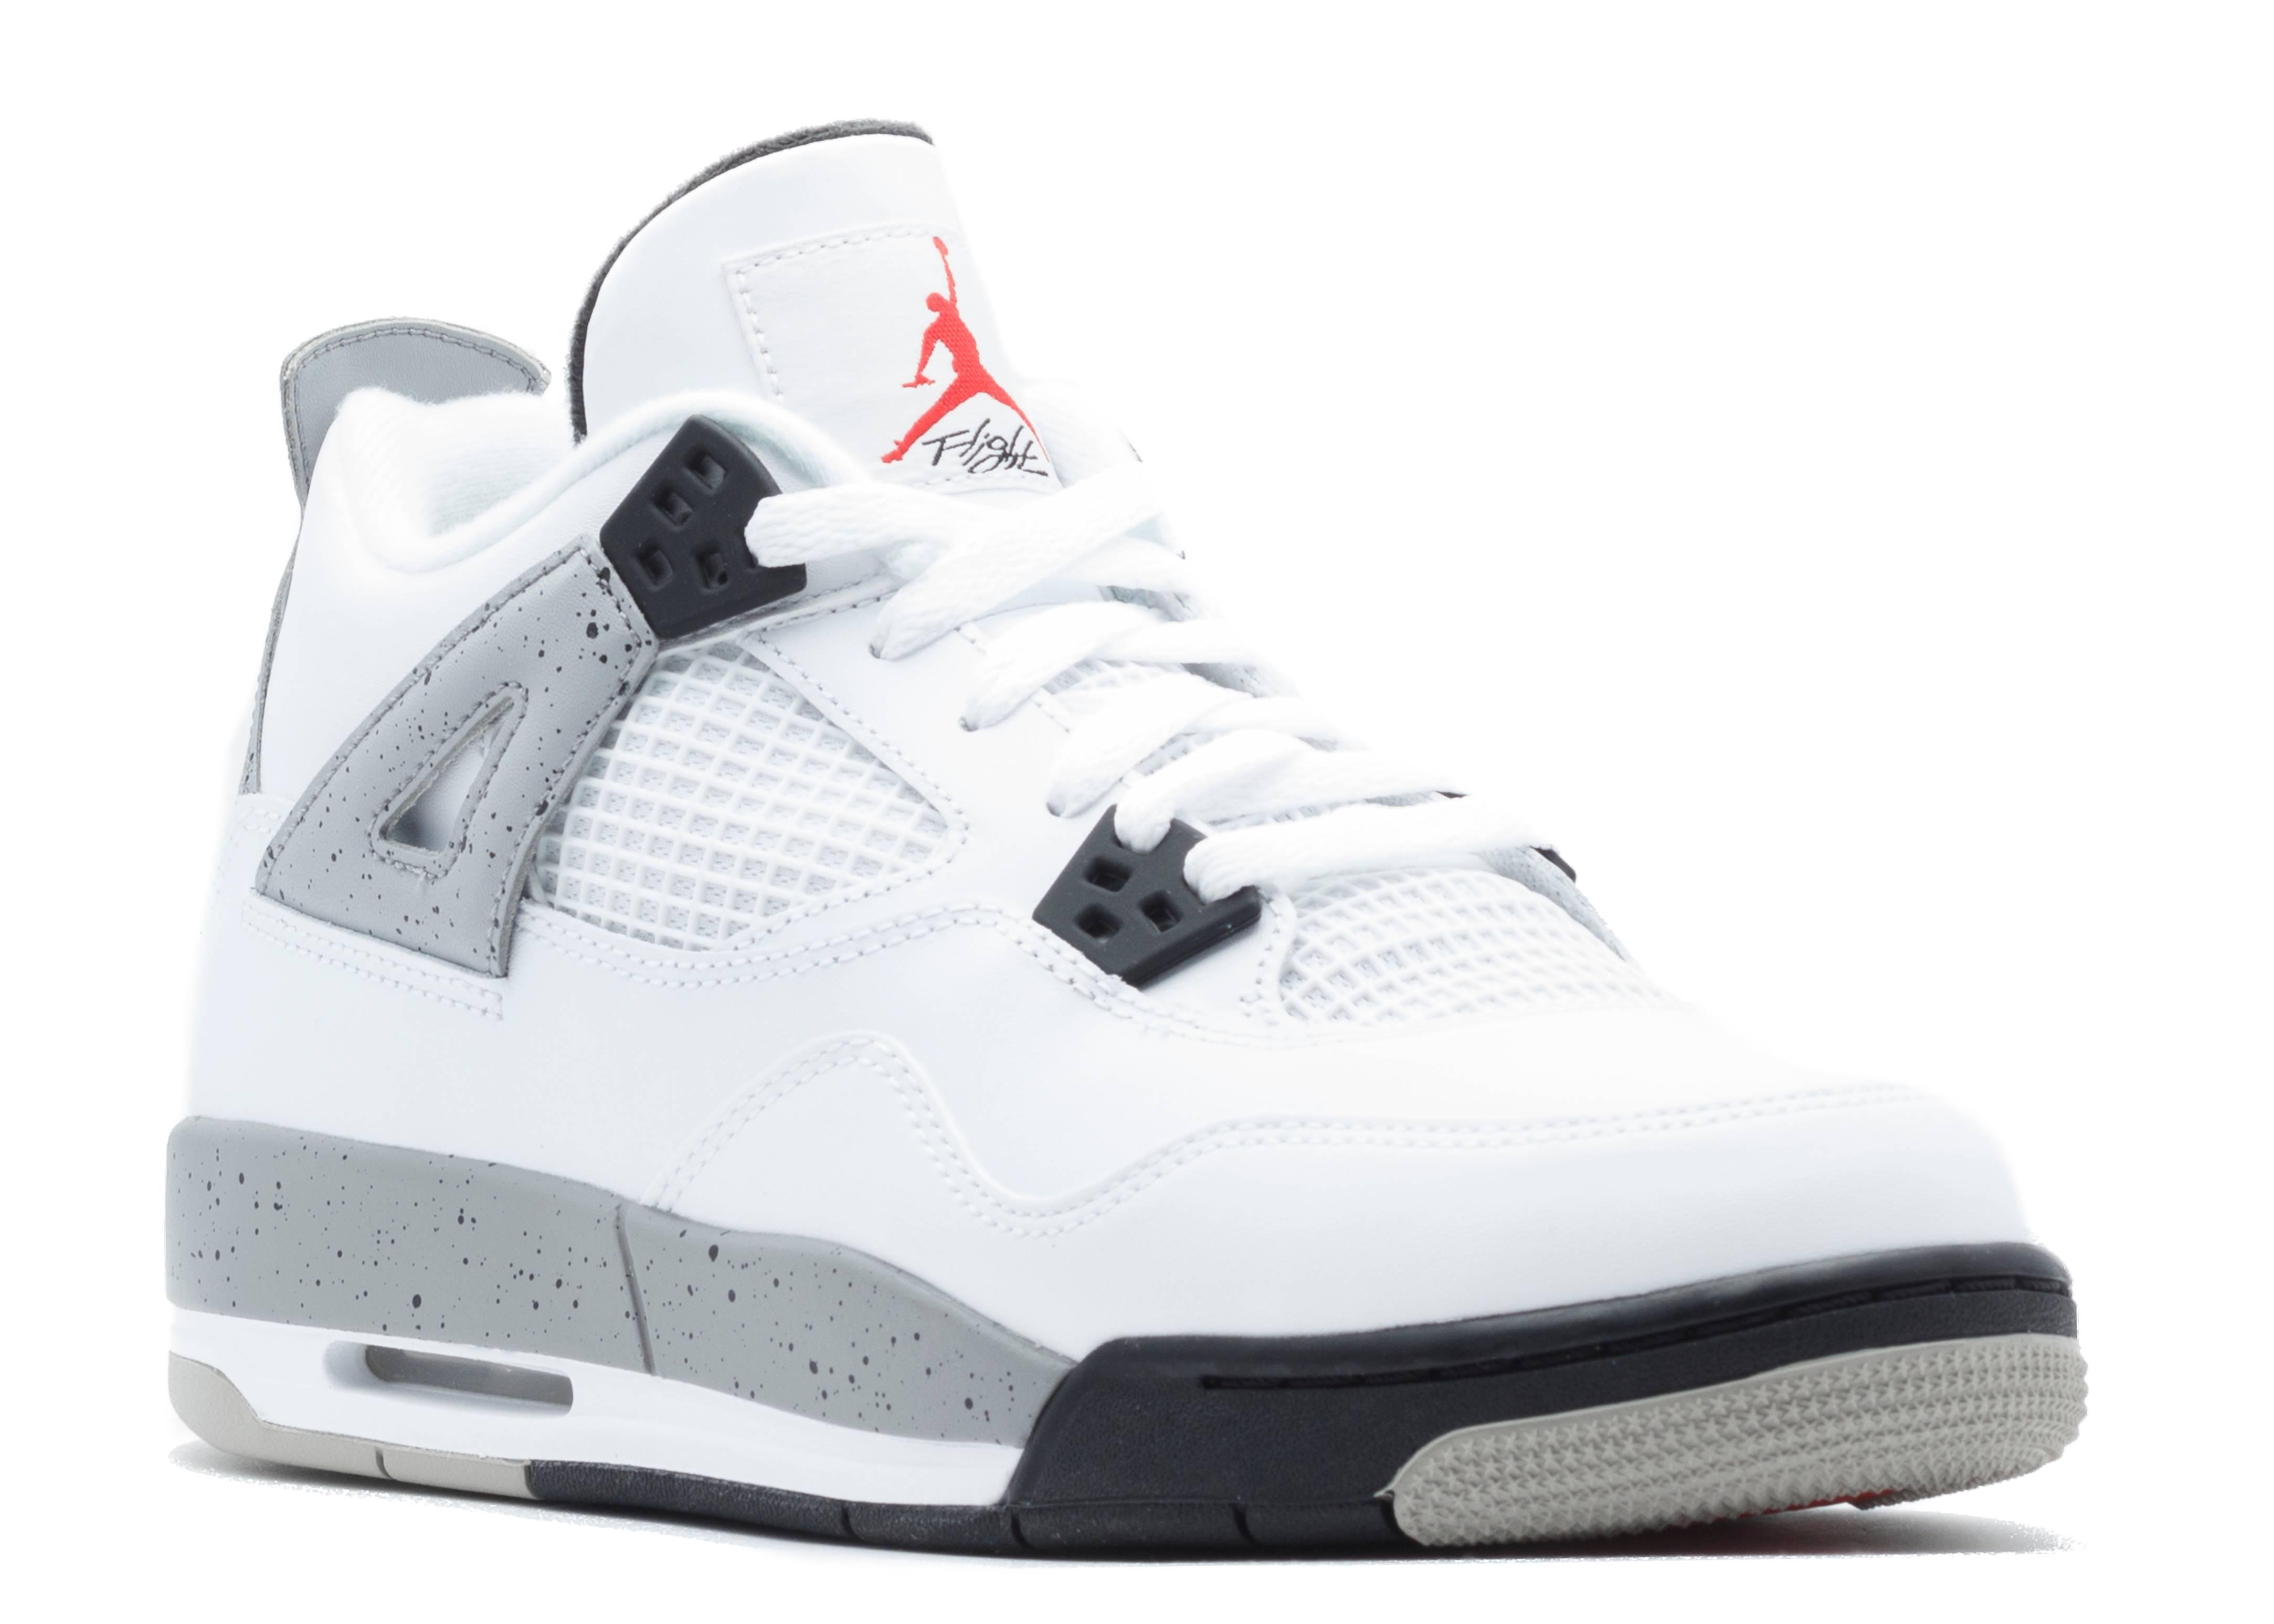 Retro Low Black//Red /'Bred/' OG BG Youth sz 4.5-7 NEW!!! 1 Nike Air Jordan I